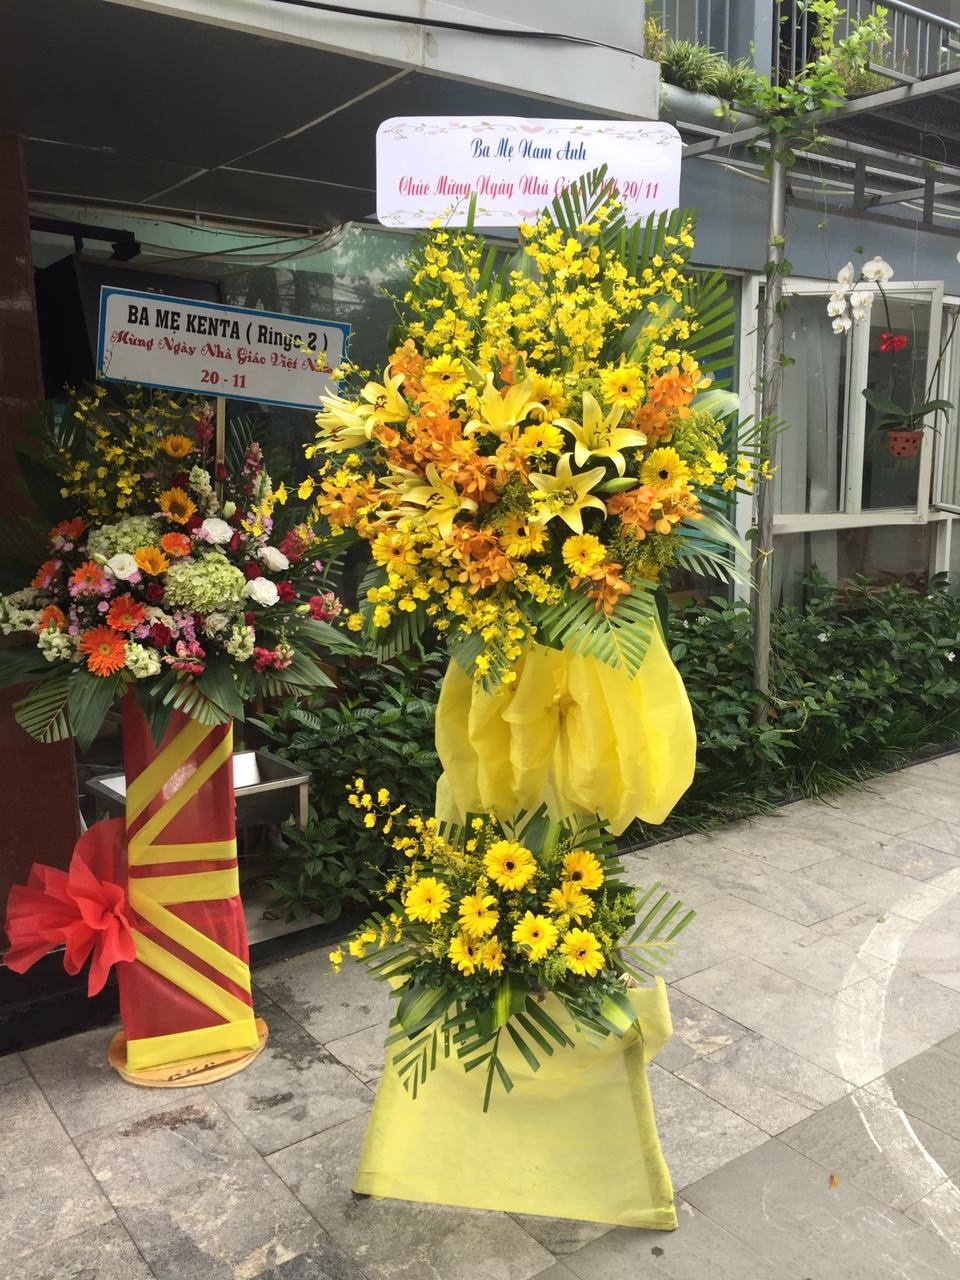 HKT116 - Kệ Khai Trương